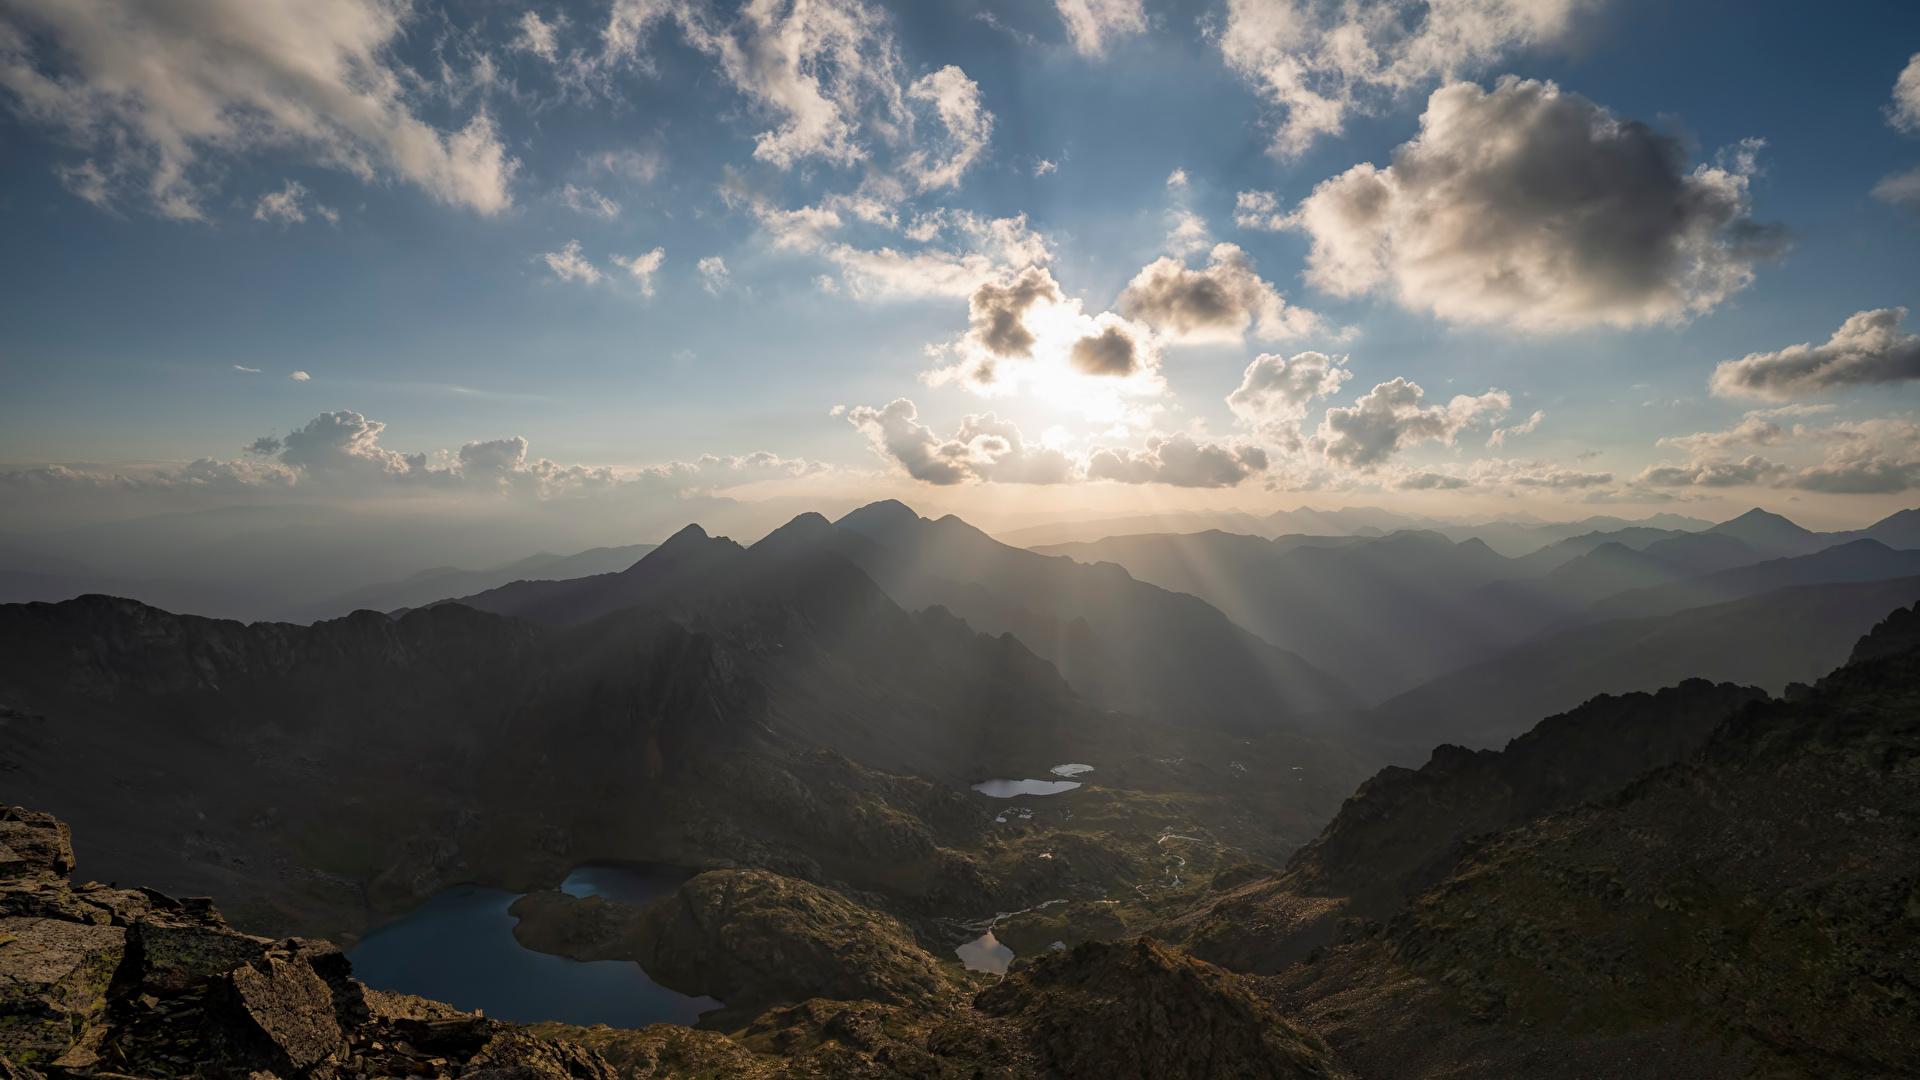 Картинки Лучи света Андорра Pyrenees гора Природа Небо Облака 1920x1080 Горы облако облачно